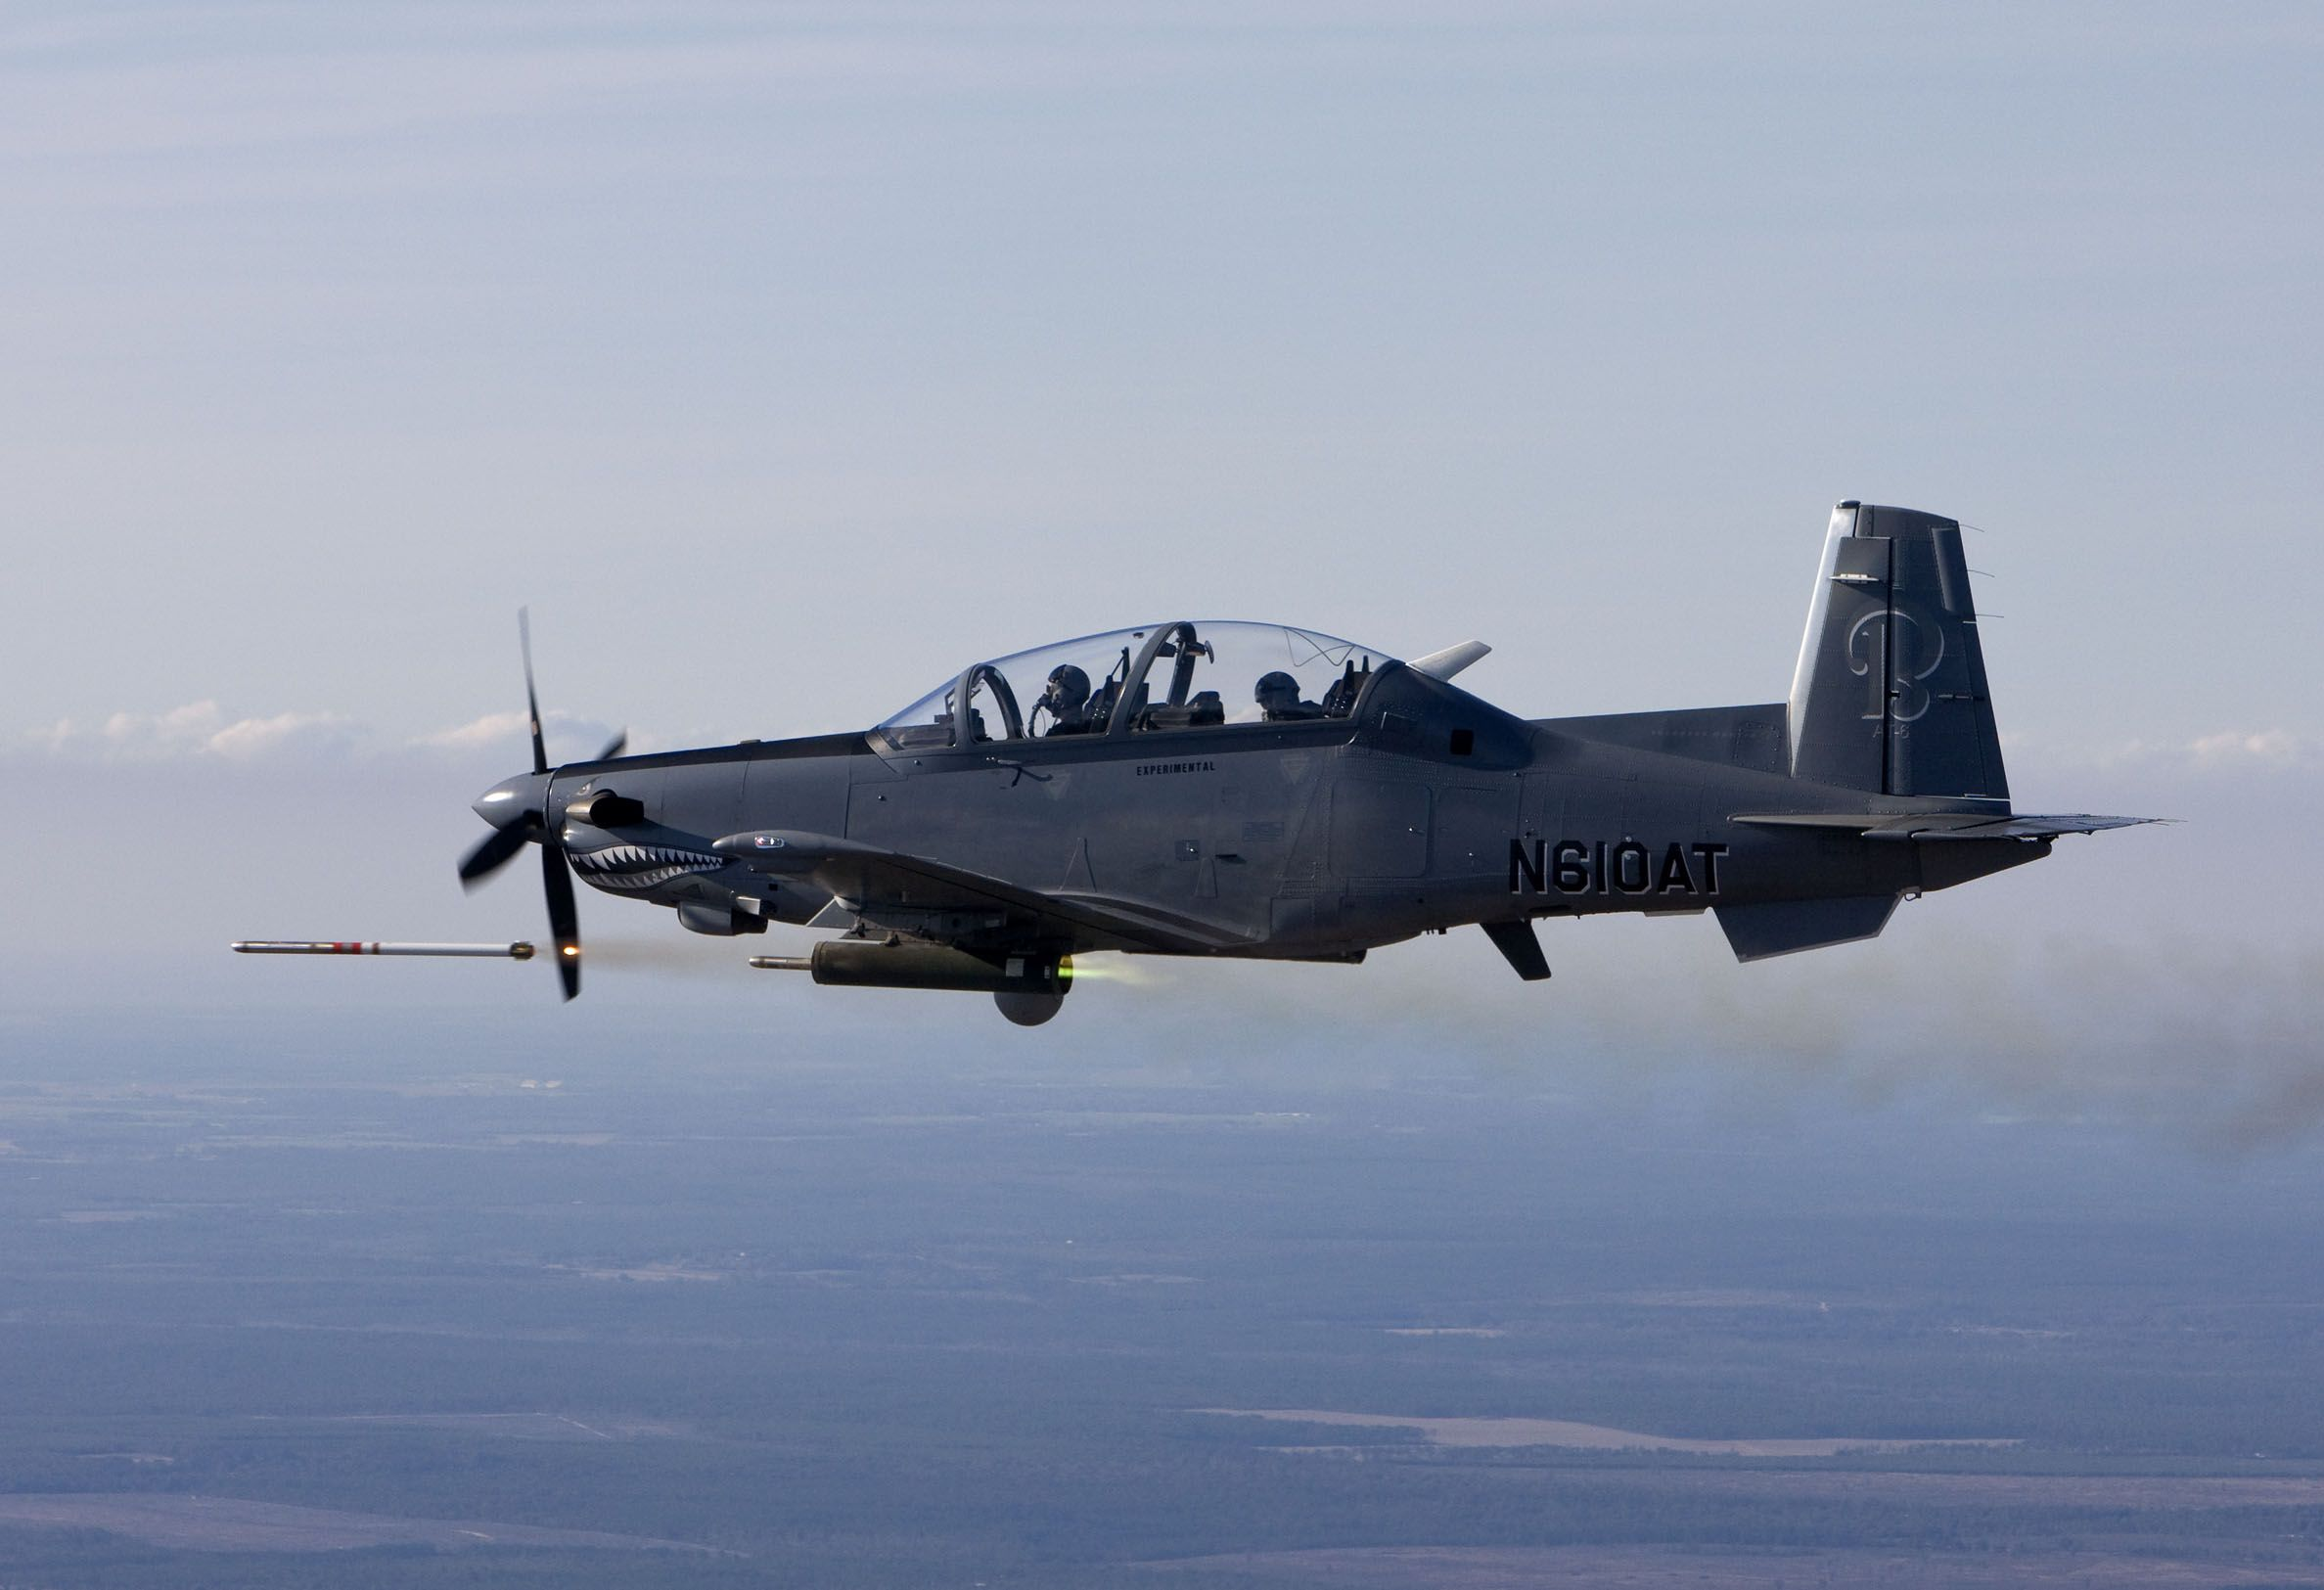 Лесни борбени авиони - Пропелери - Page 2 122e0bca79de93cf329a2bebf6647848